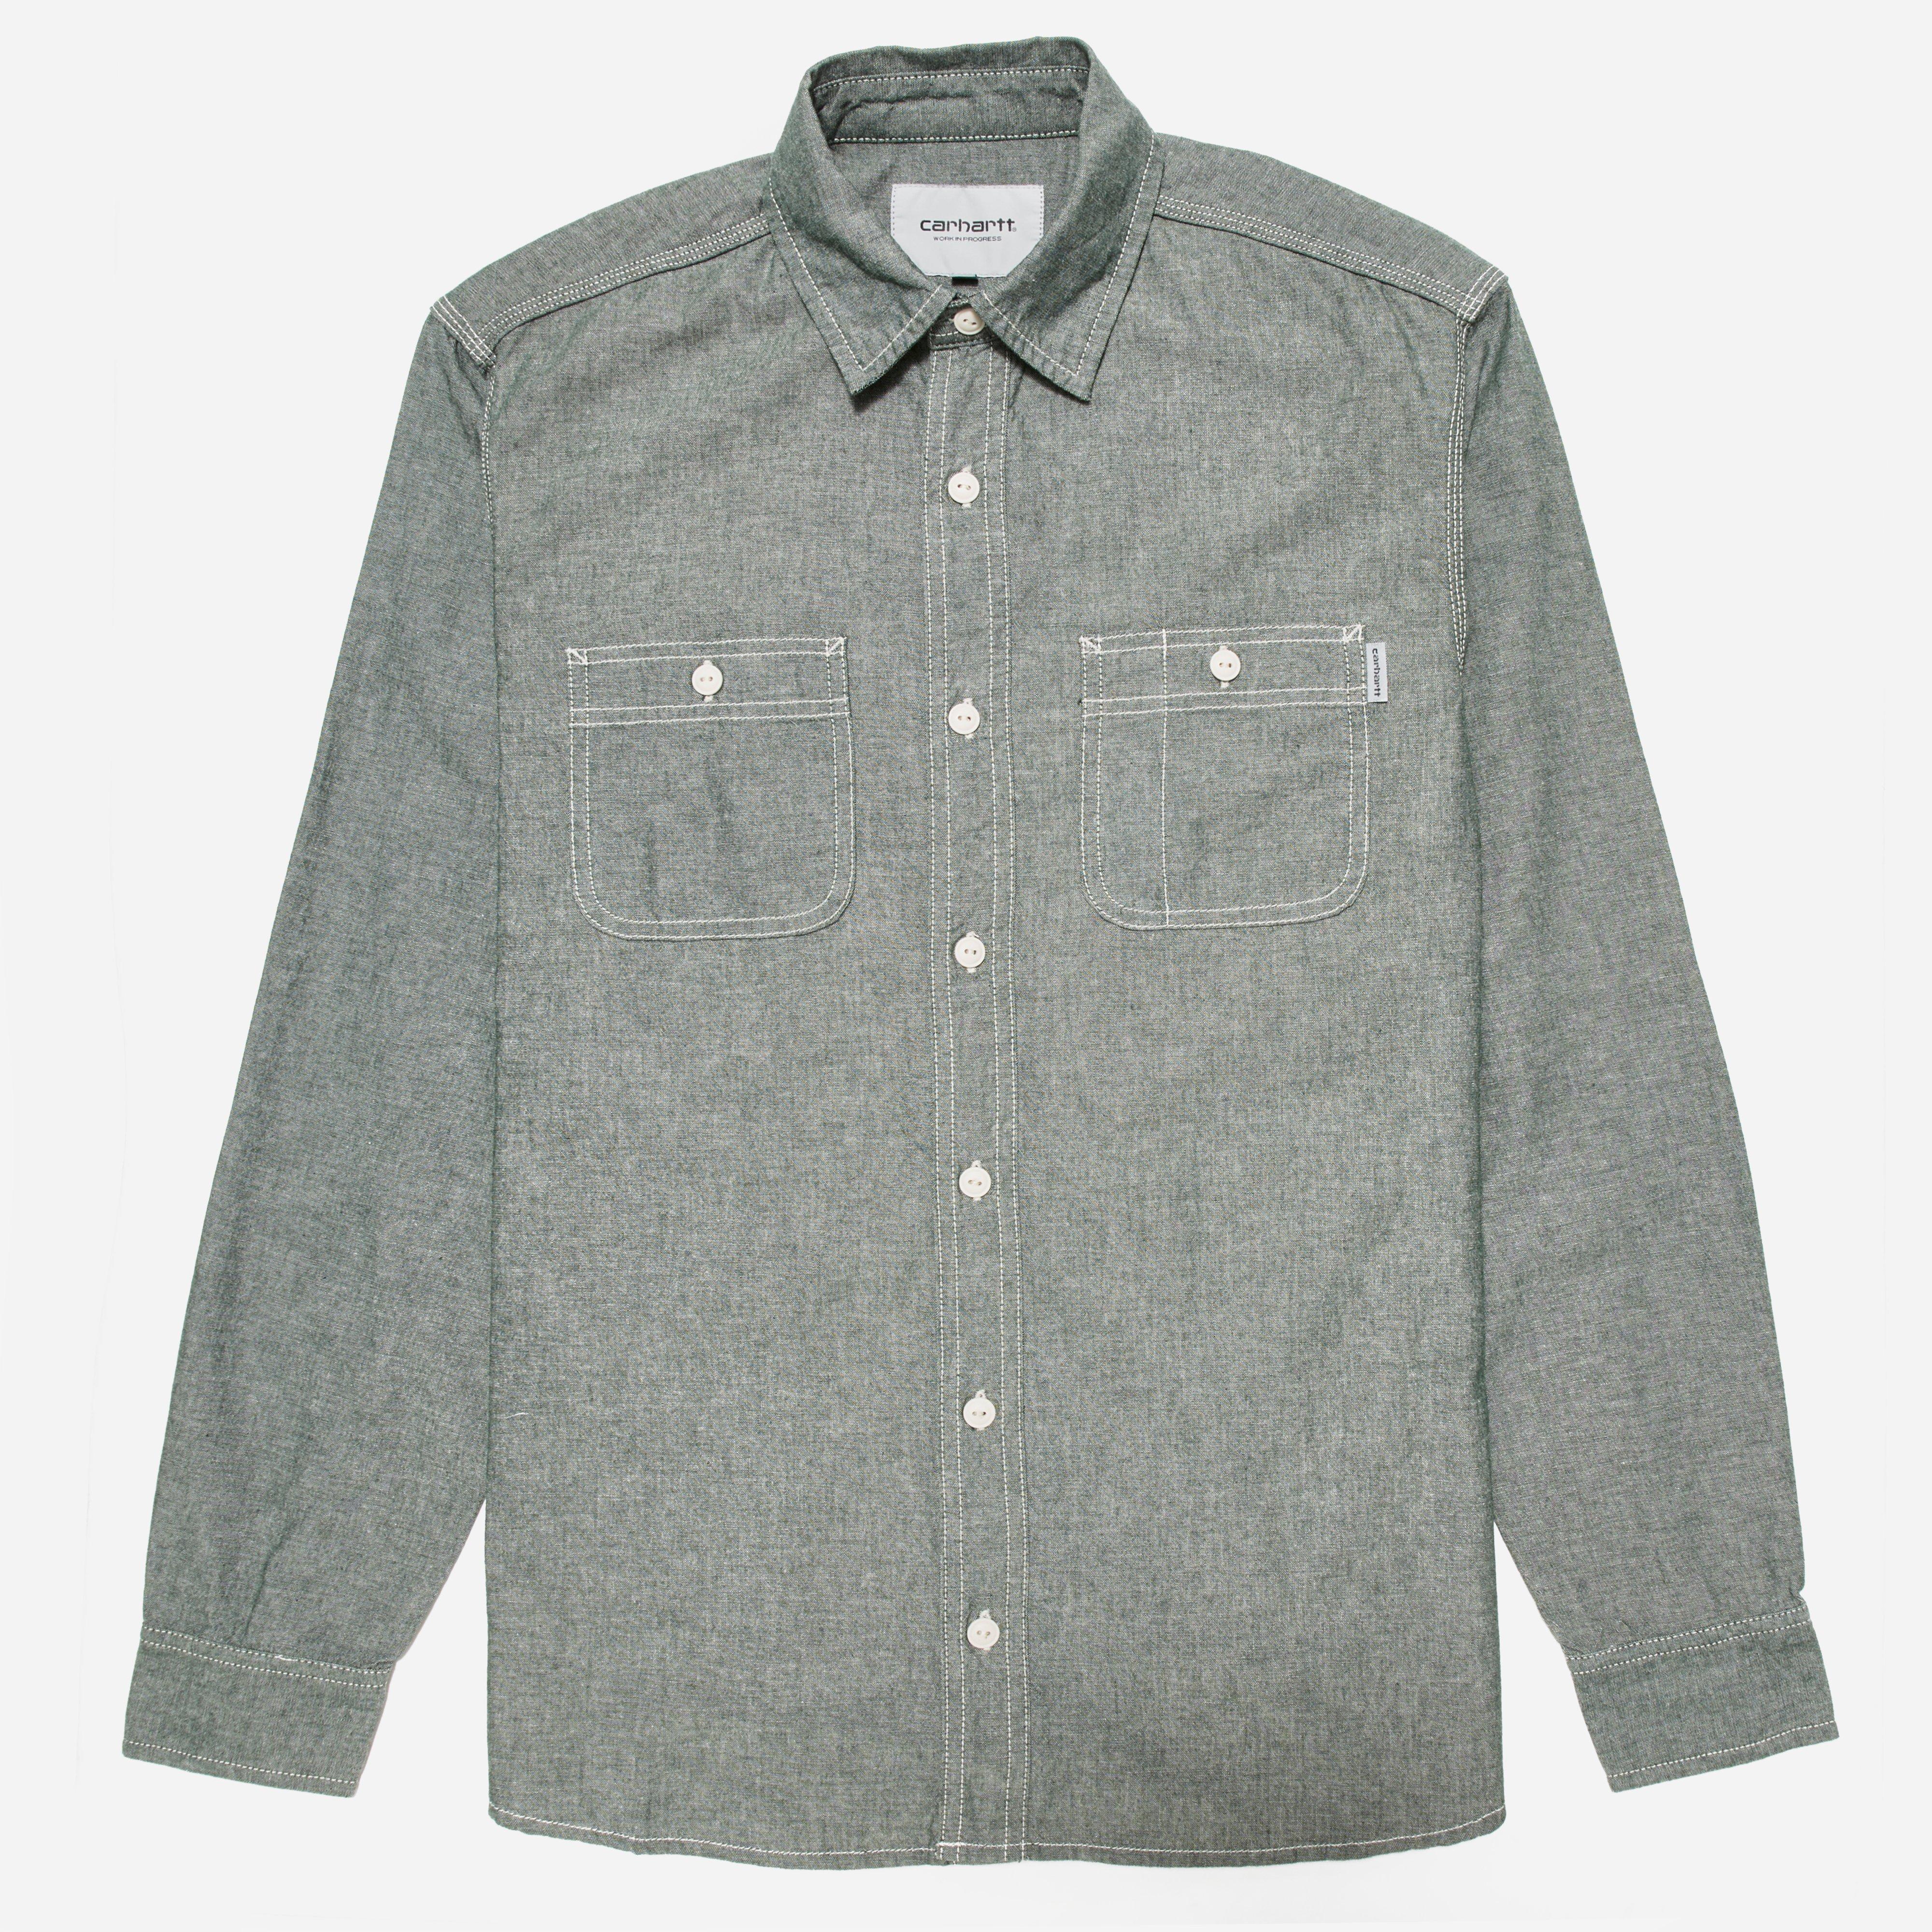 Carhartt WIP Clink Shirt